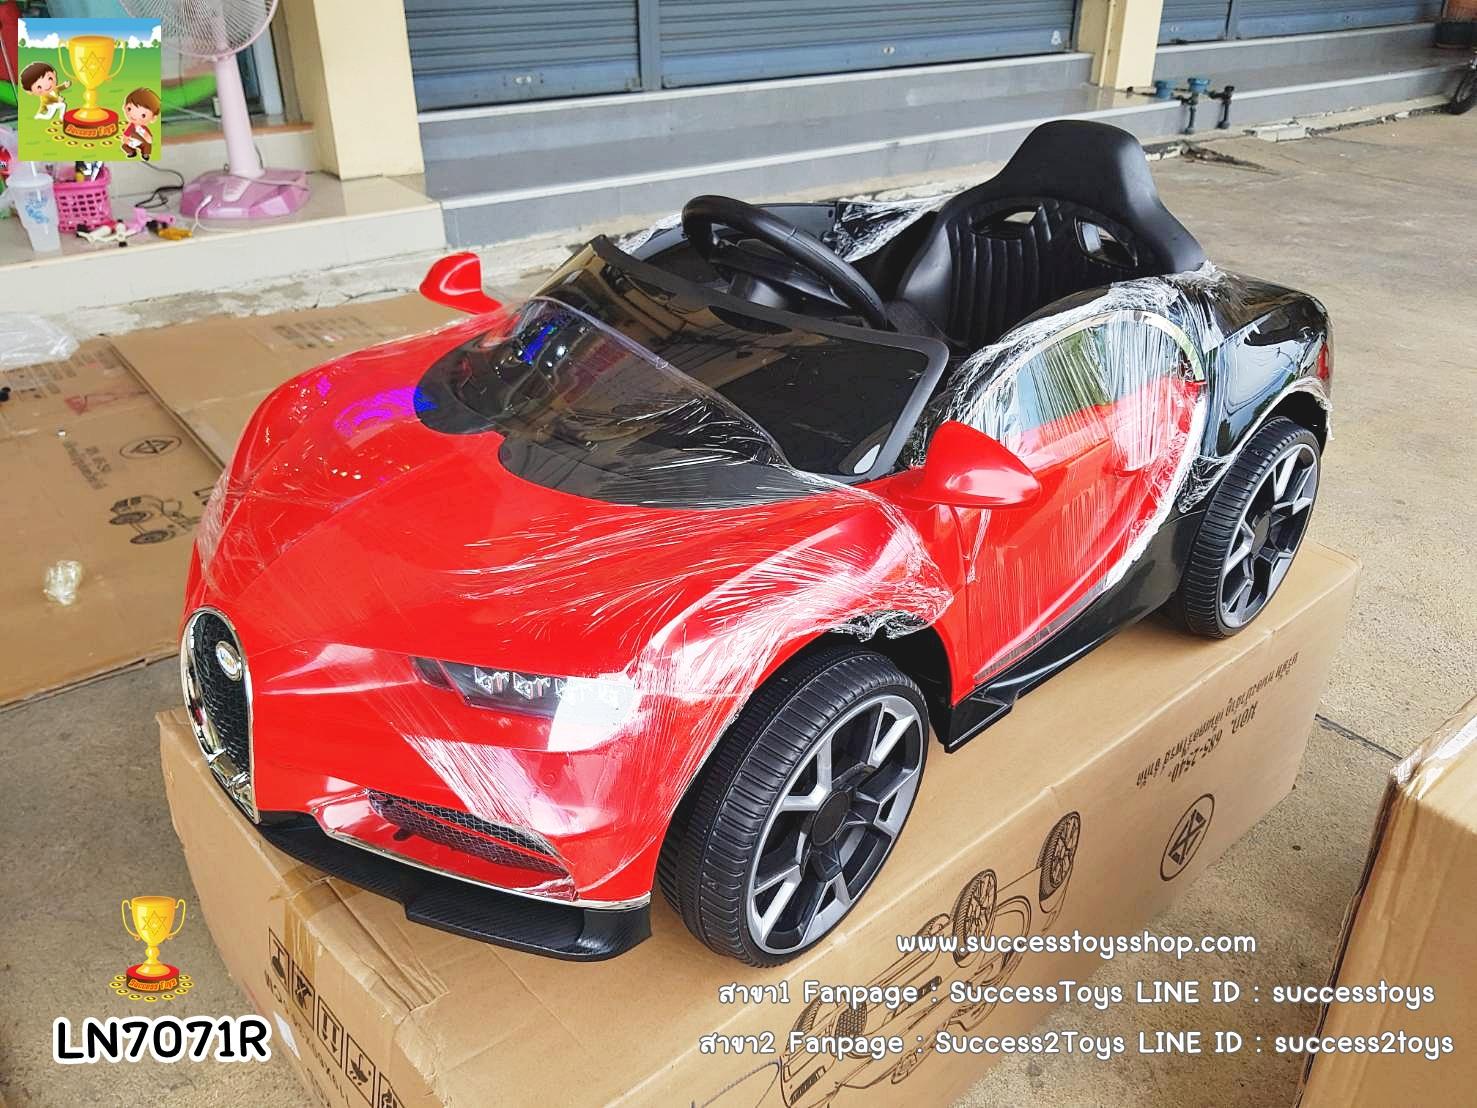 LN7071R รถแบตเตอรี่เด็กนั่งไฟฟ้า ยี่ห้อบูกัตติสีแดง 2 มอเตอร์